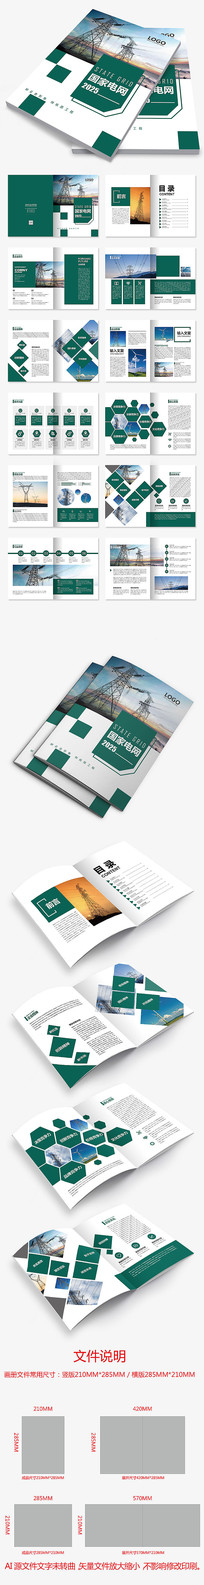 绿色国网国家电网电力公司画册电力宣传画册